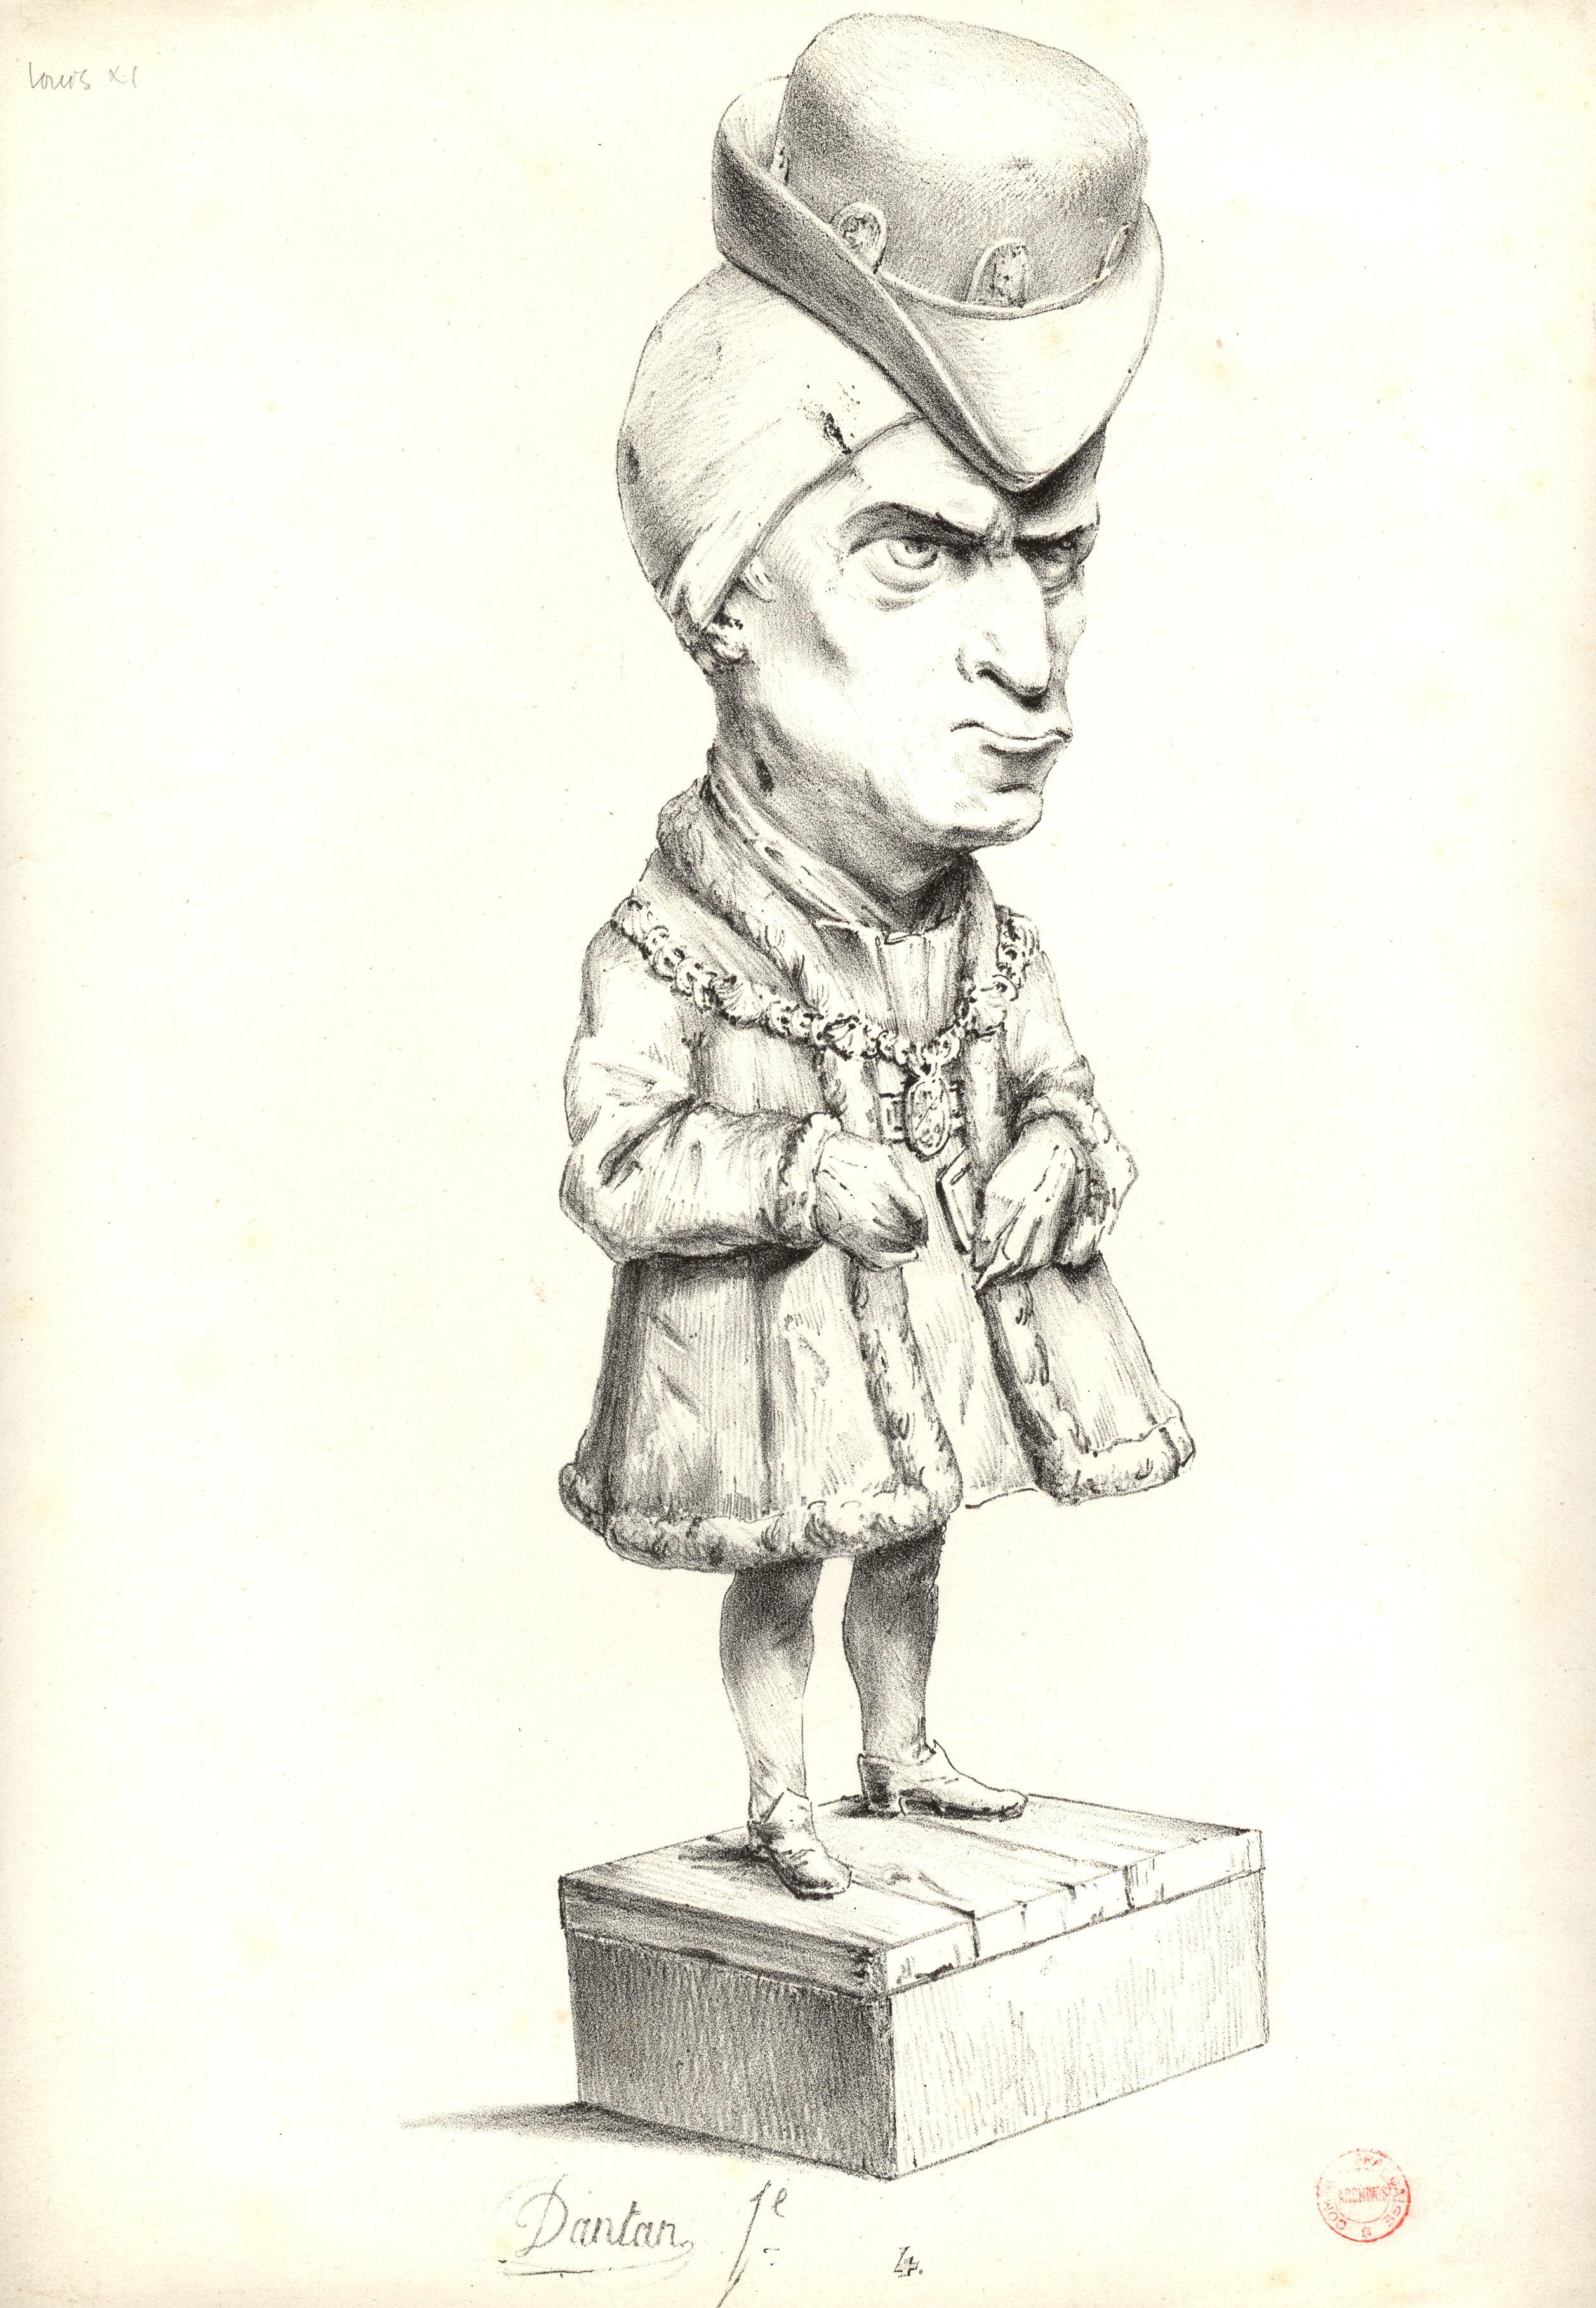 02-pierre-ligier-dans-louis-xi-statuette-caricature-par-dantan